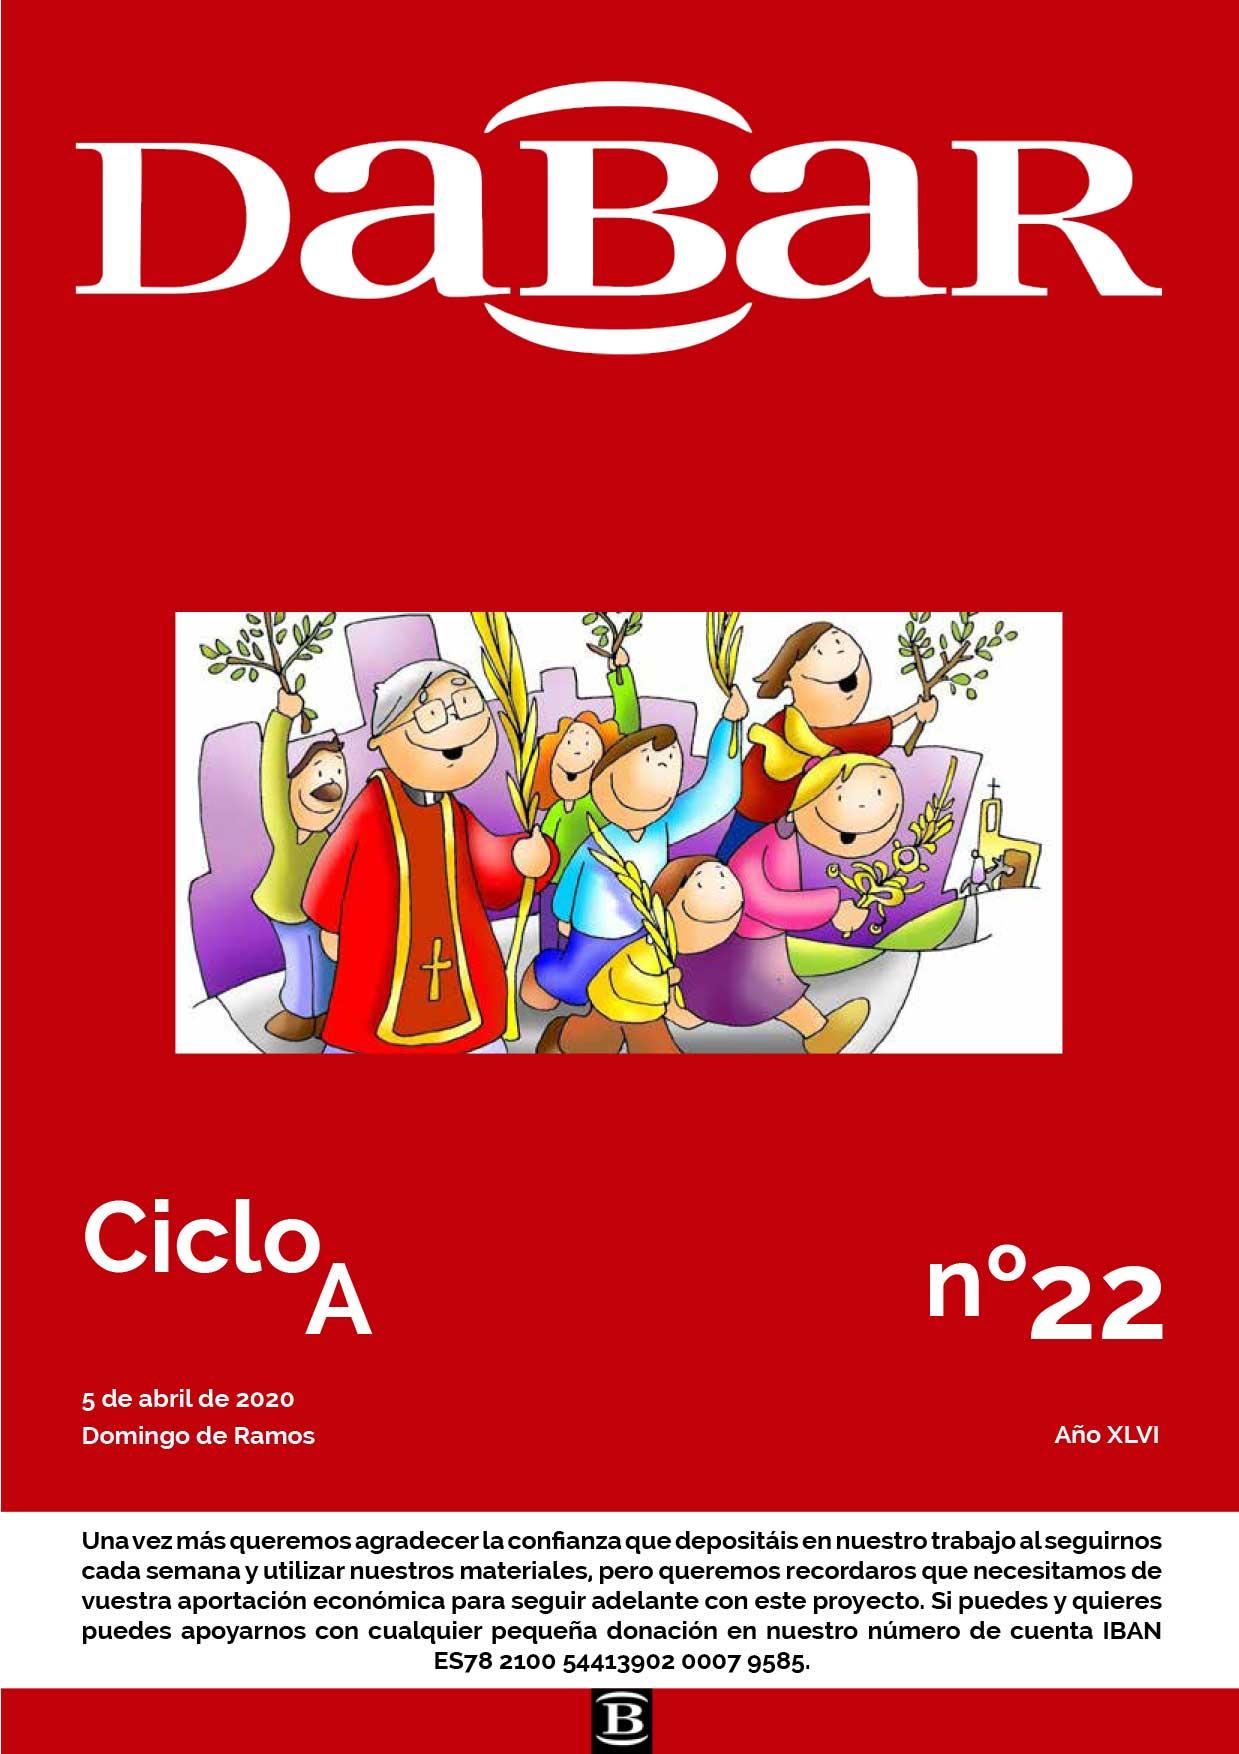 Dabar Revista numero 22 ciclo A